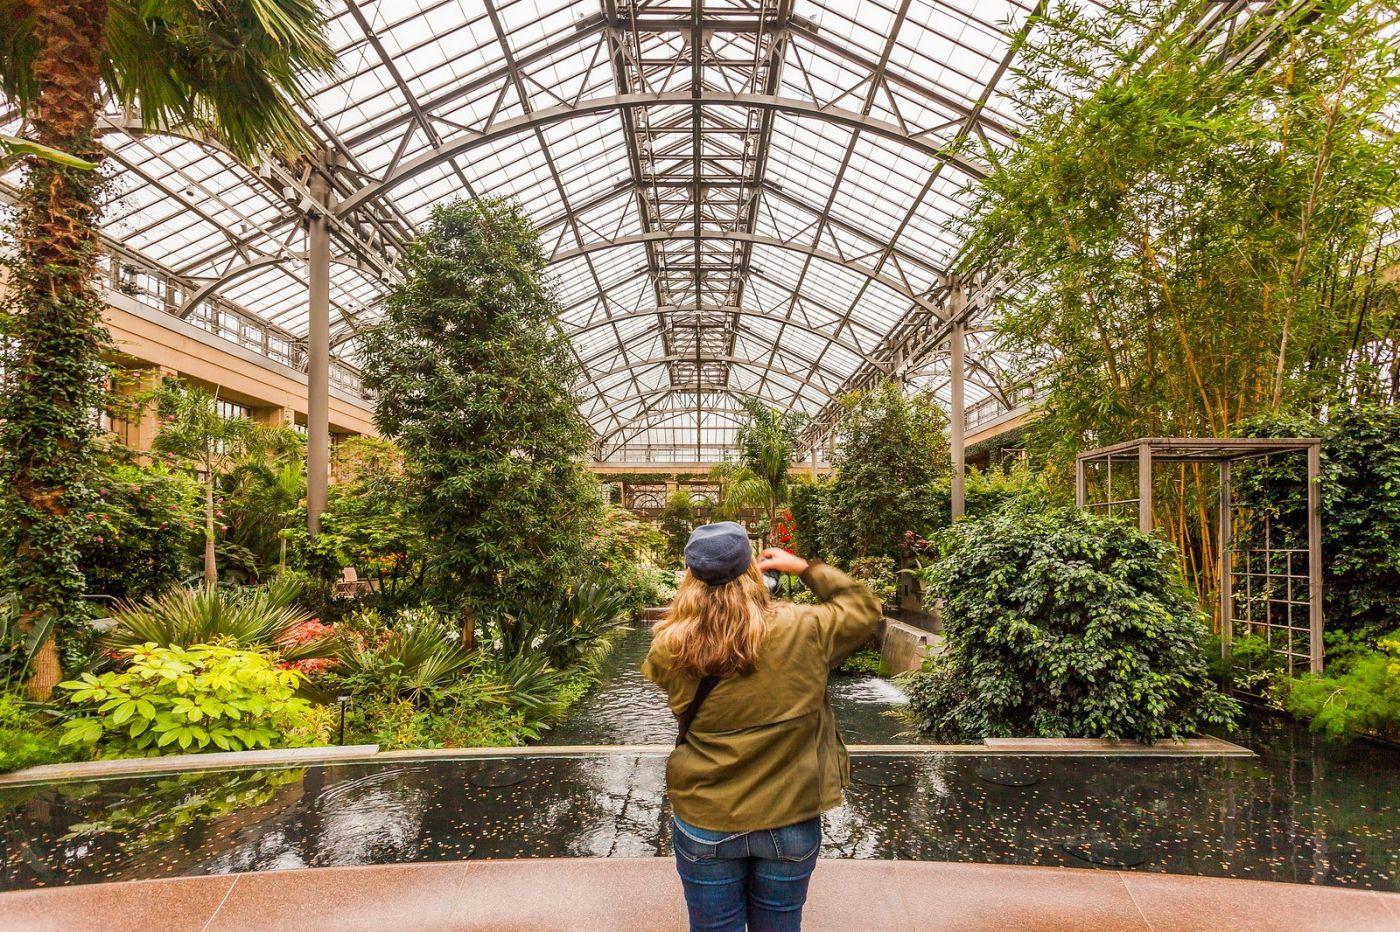 宾州长木公园,室内花园美如画_图1-19